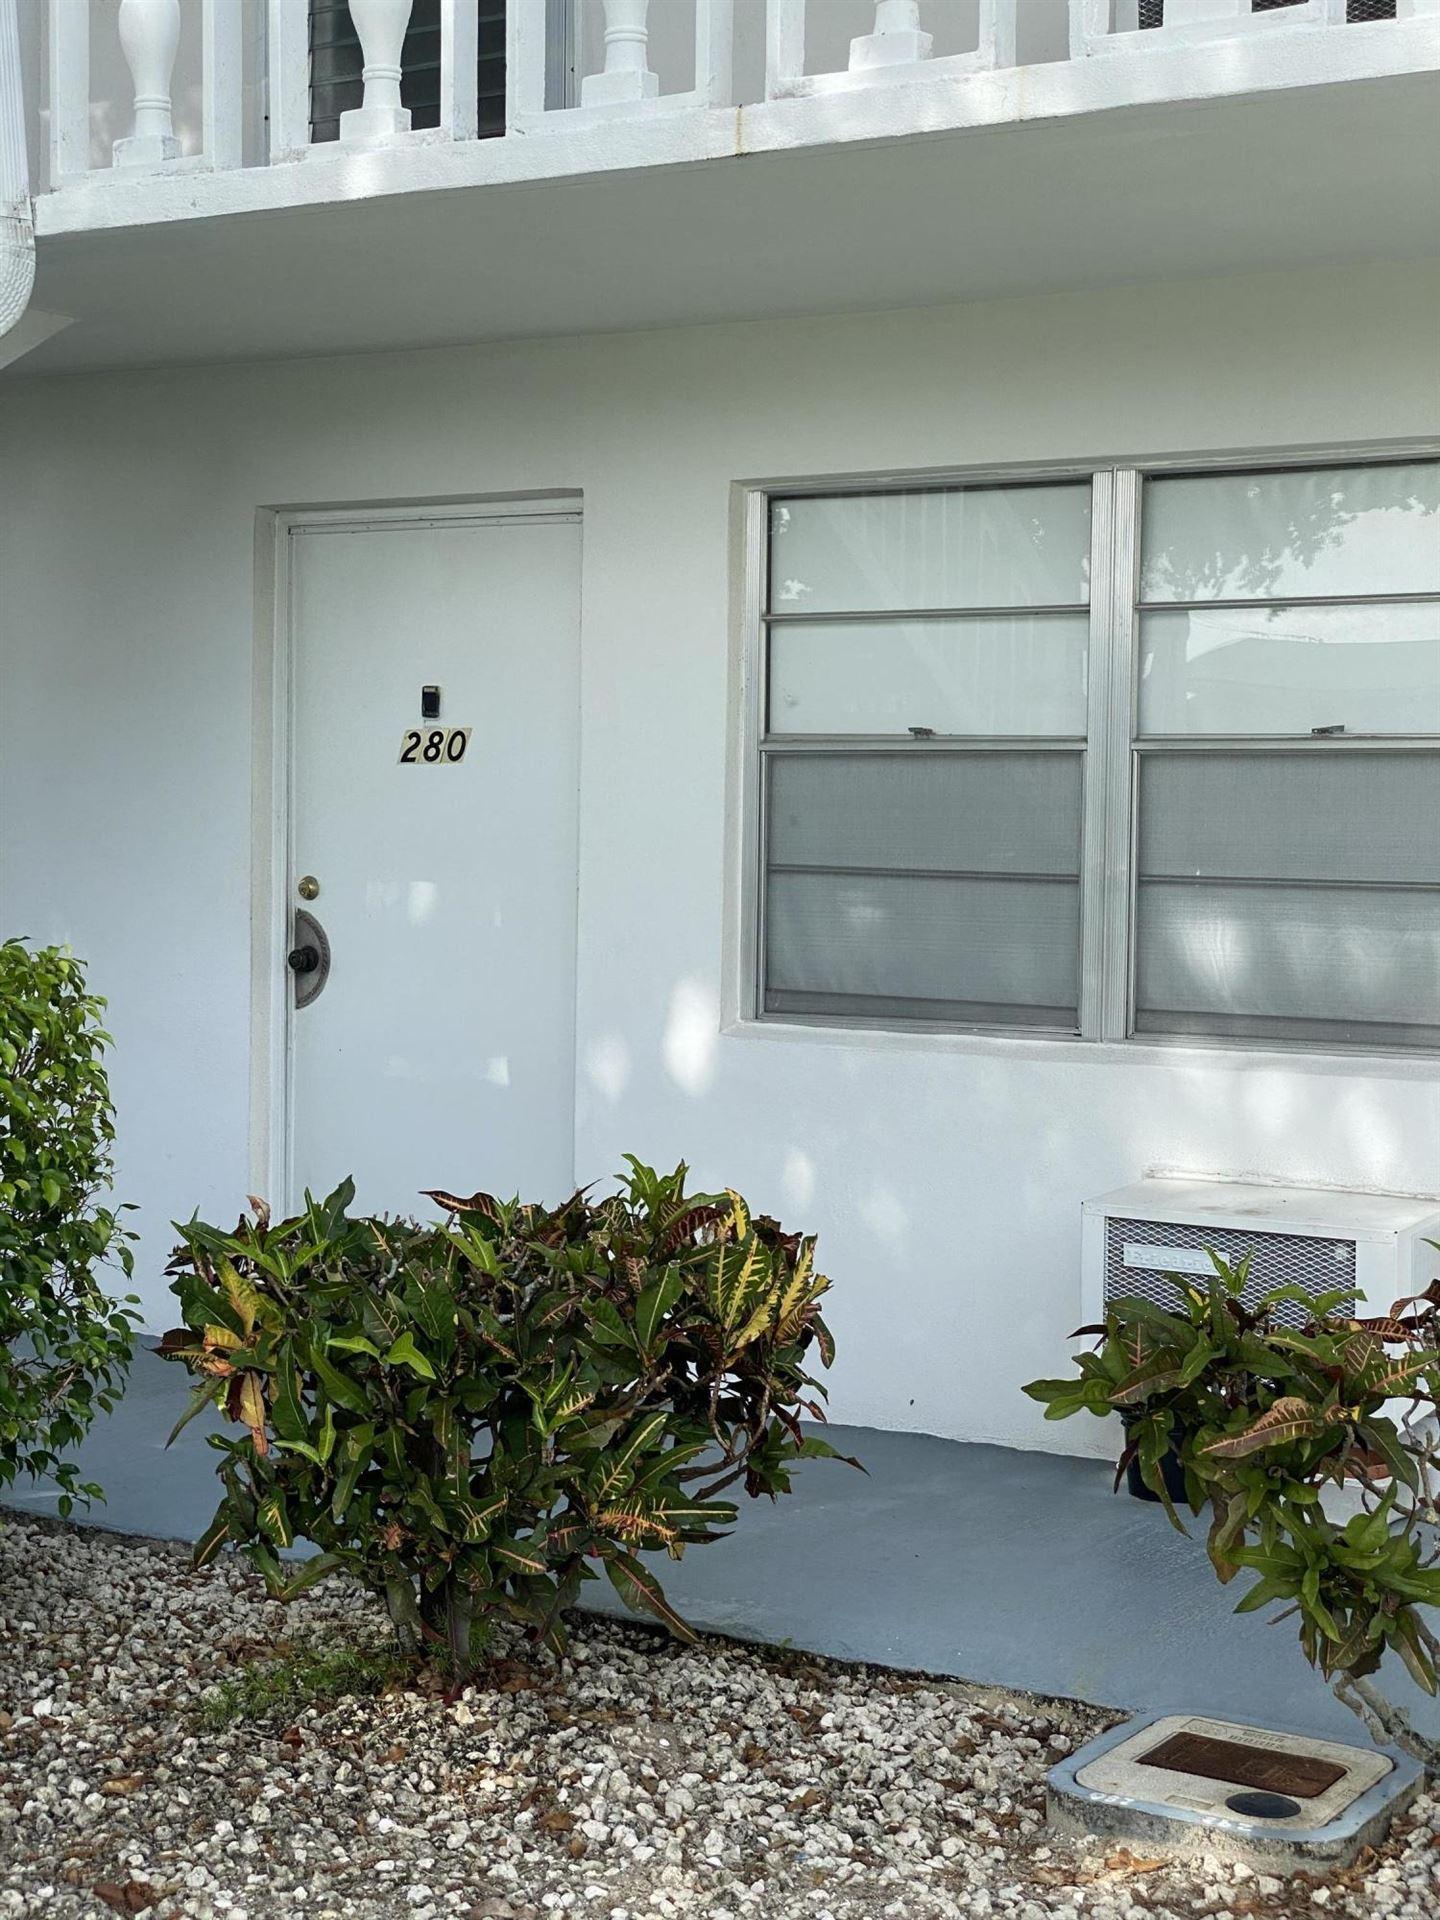 Photo of 280 Sheffield L #L, West Palm Beach, FL 33417 (MLS # RX-10725714)